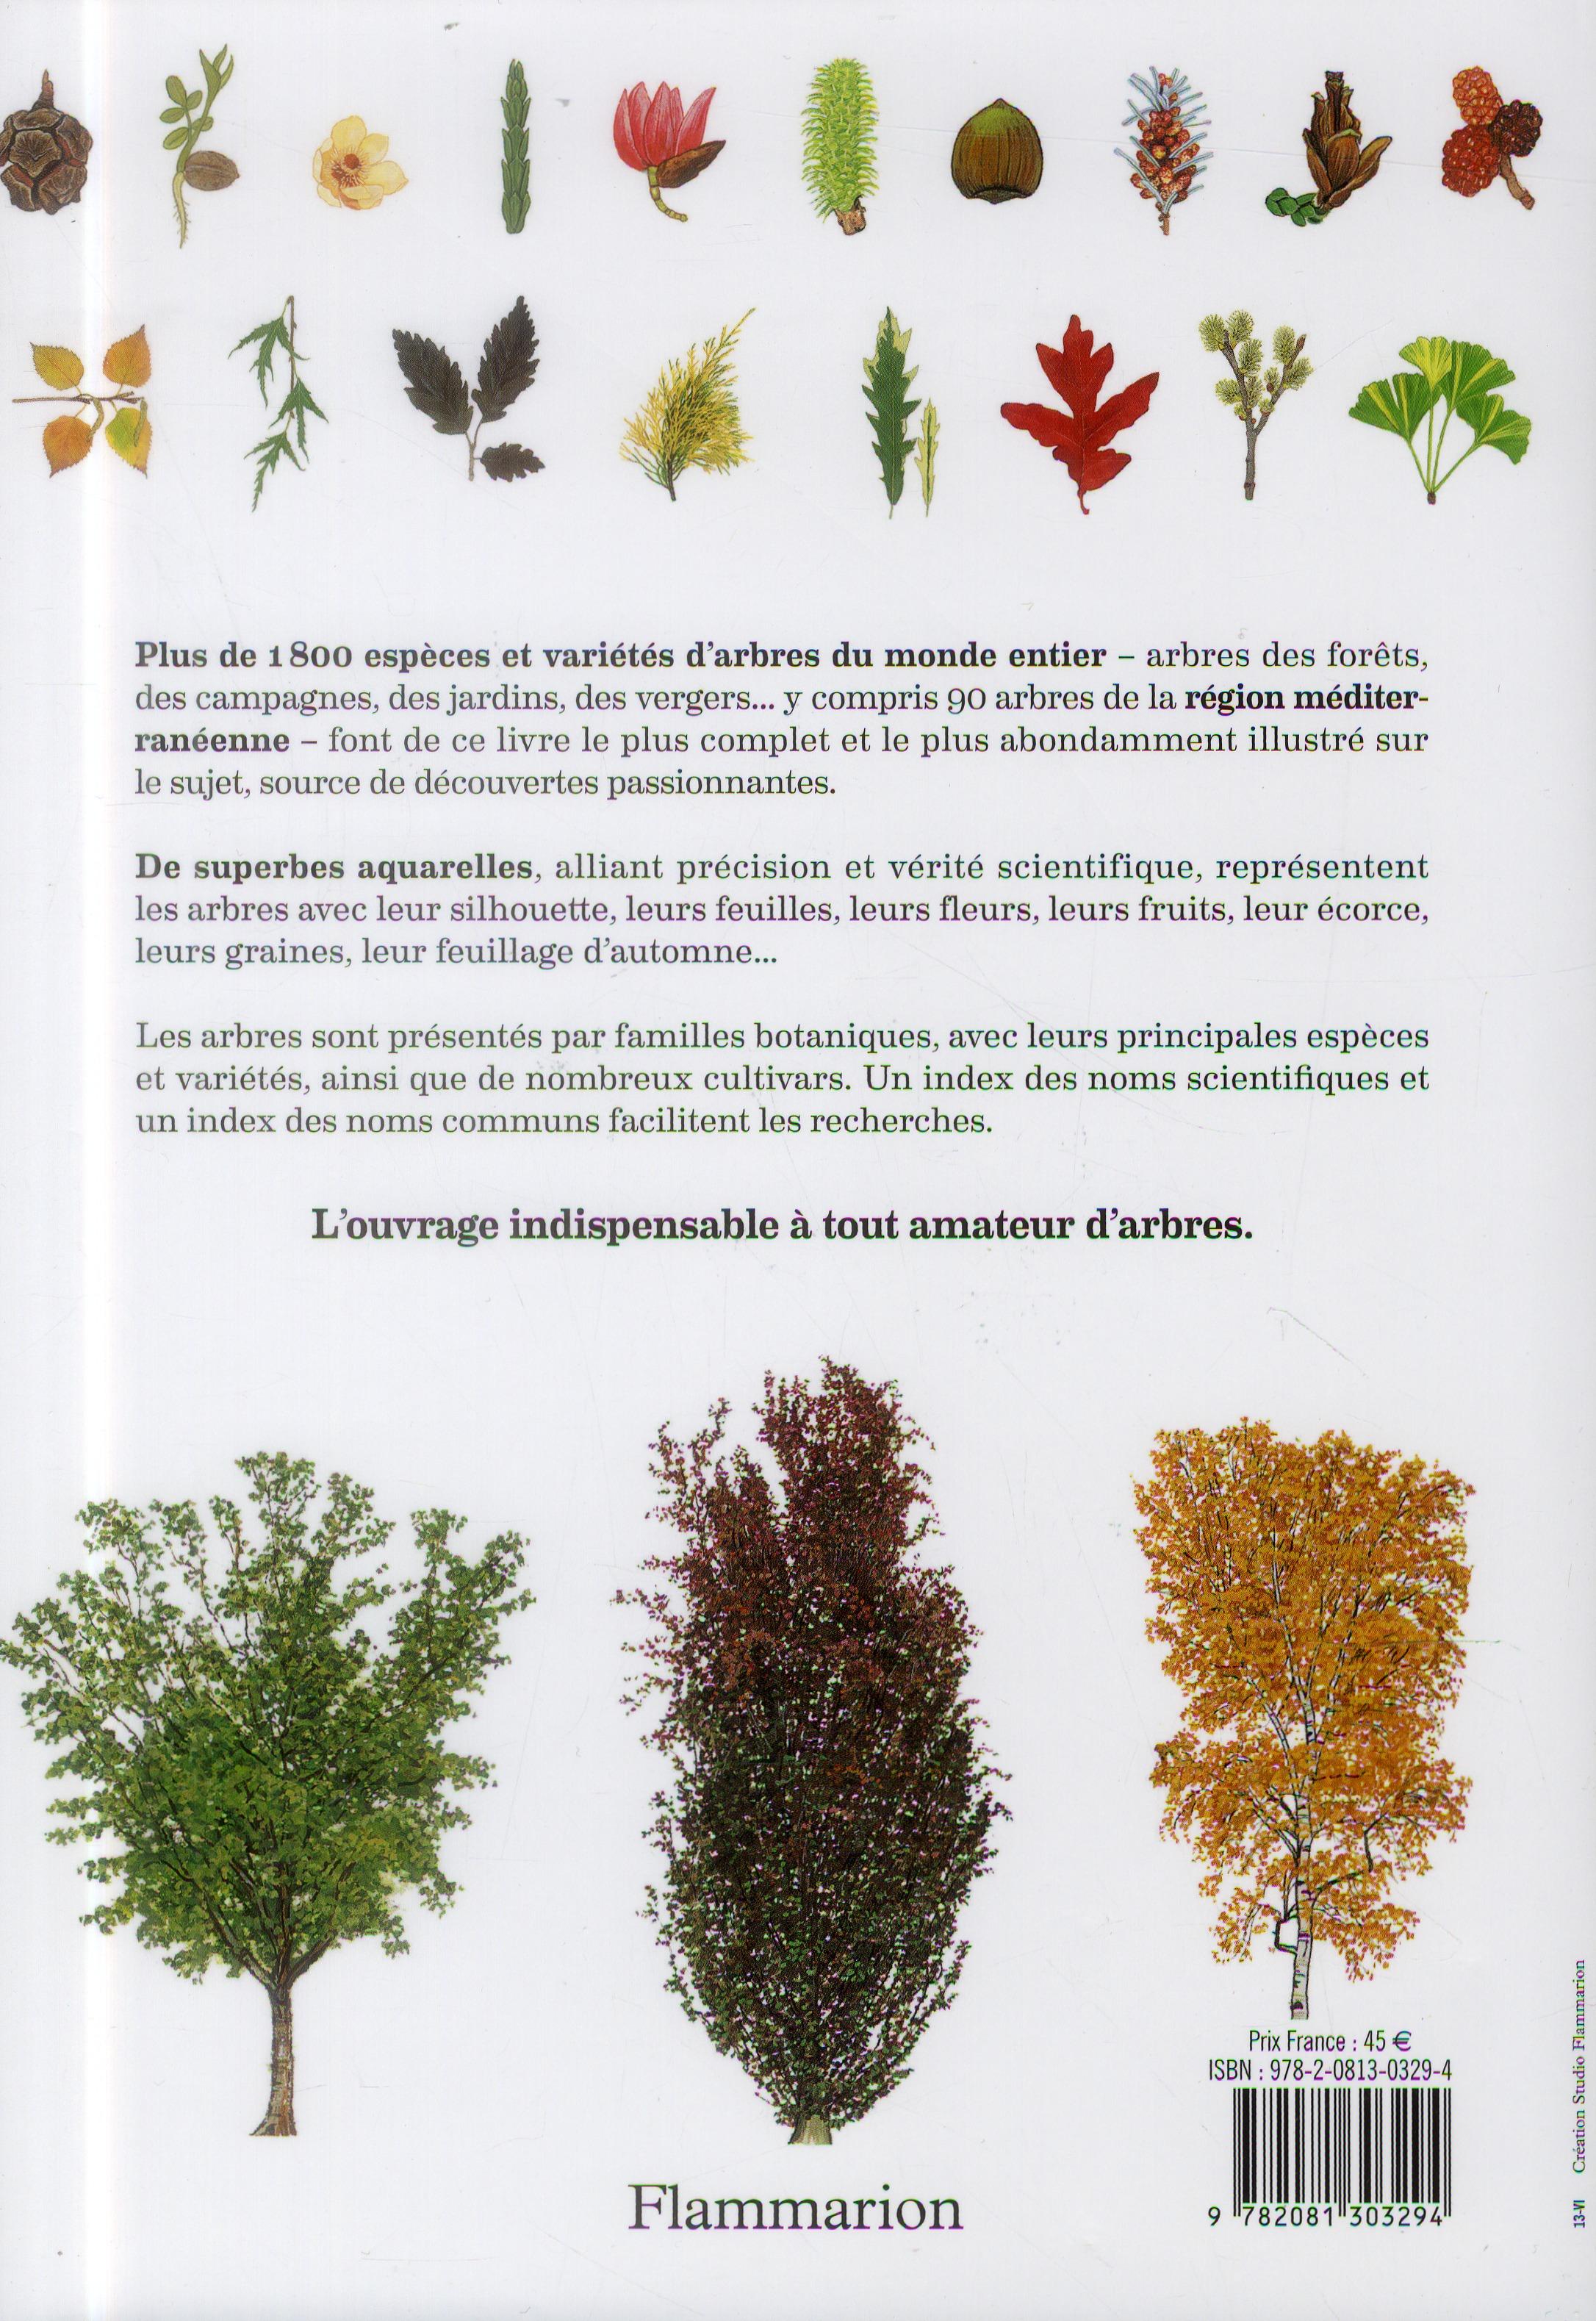 Encyclopédie des arbres ; plus de 1800 espèces et variétés du monde